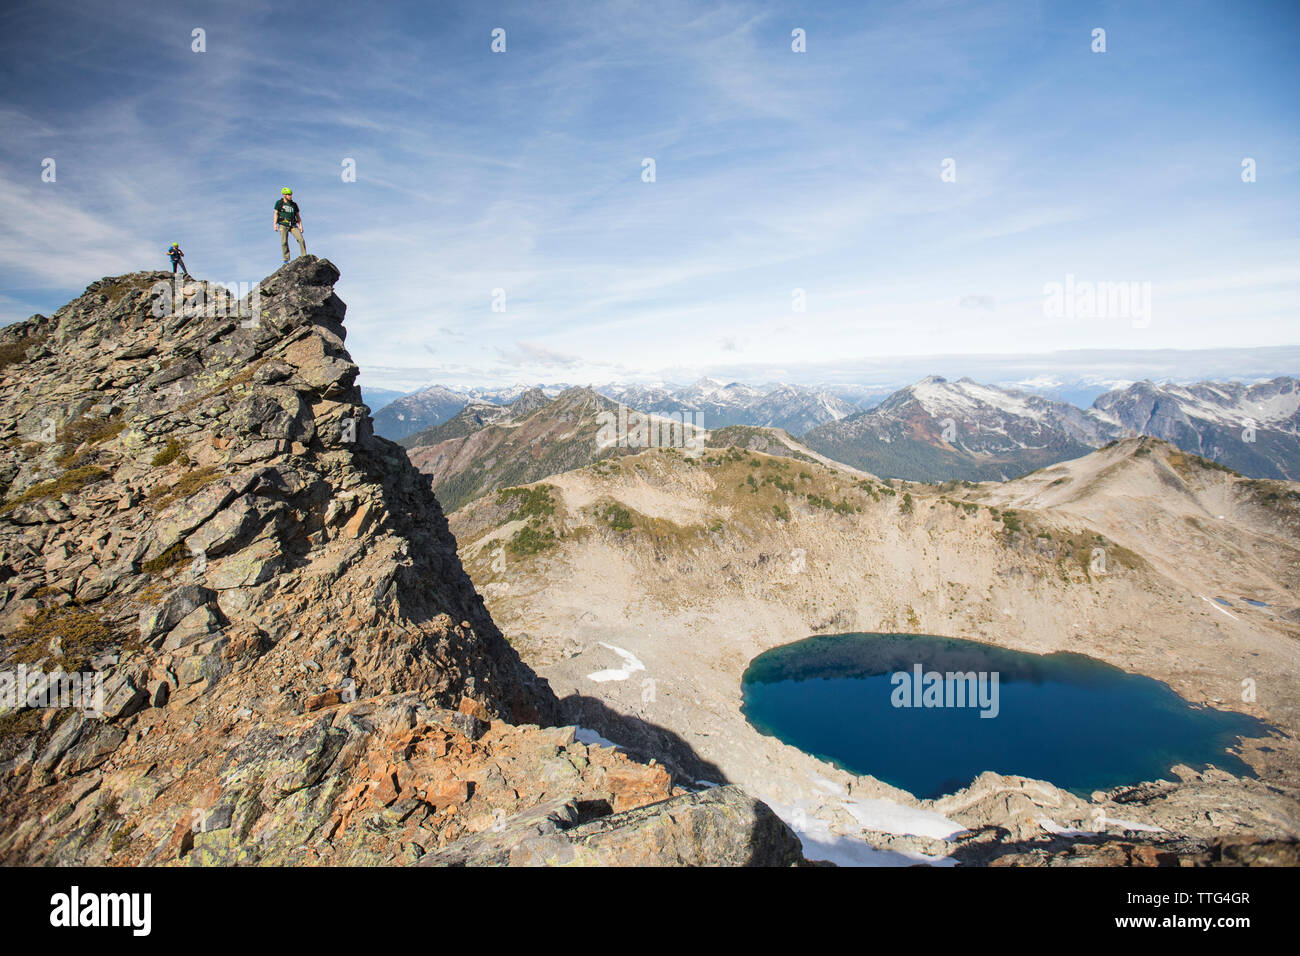 Alpinistas en la cumbre del Pico de Douglas, British Columbia. Foto de stock